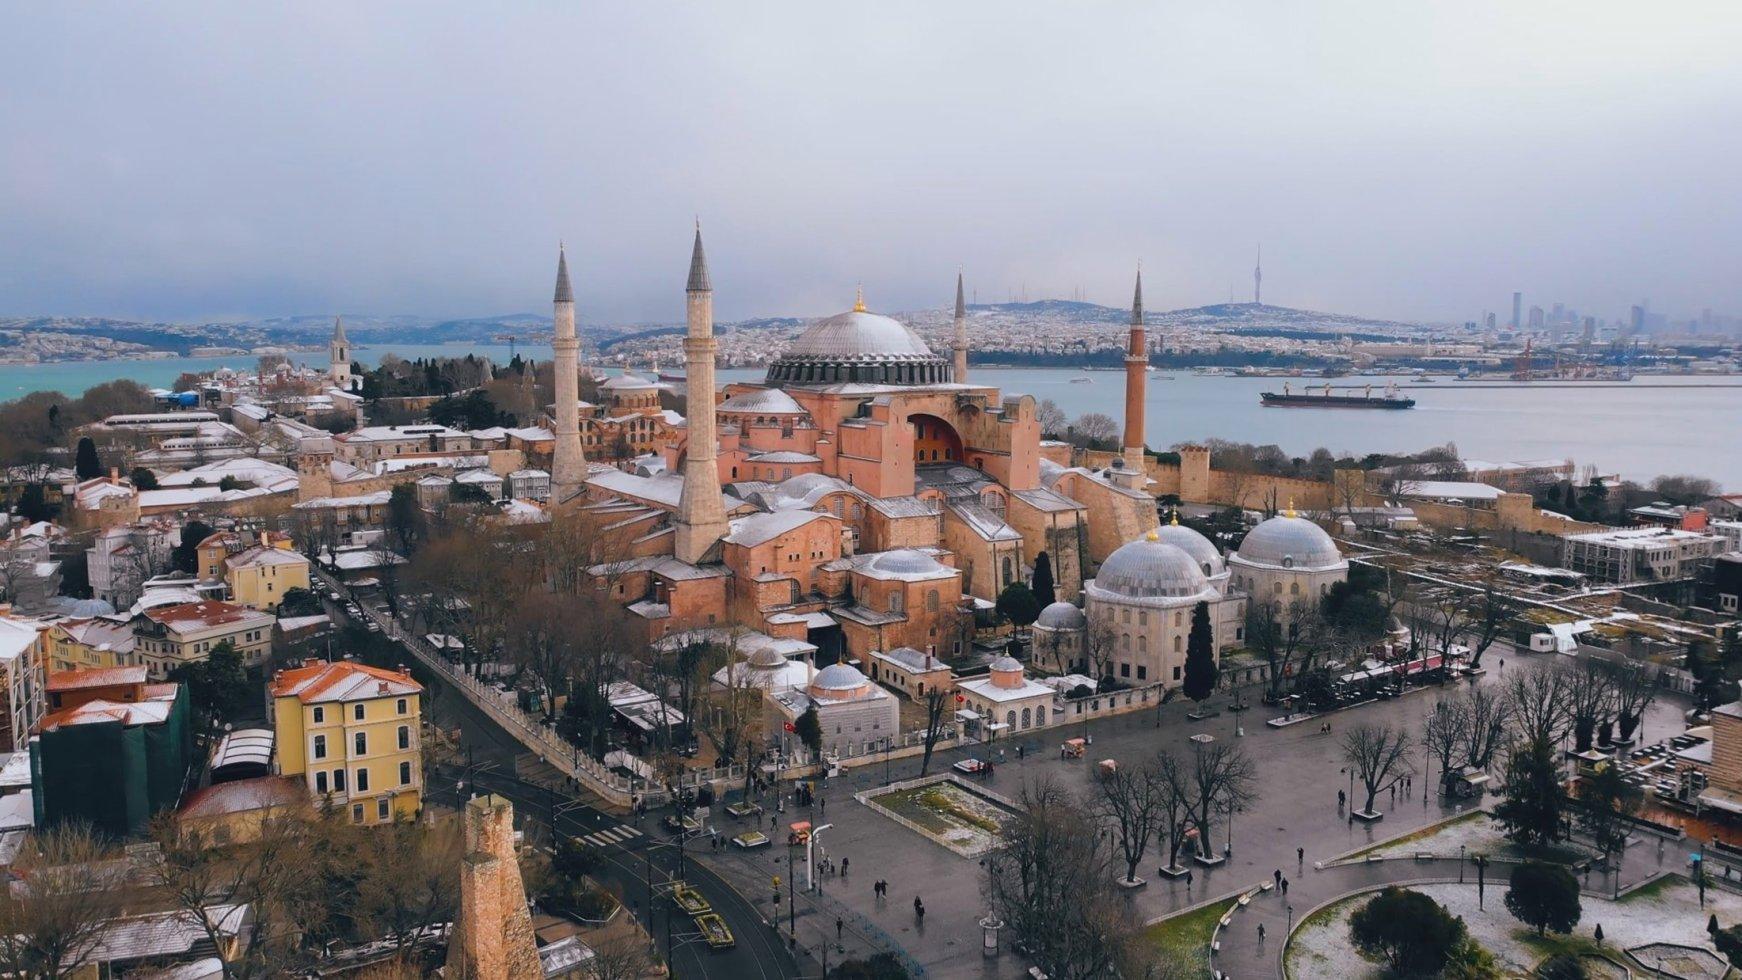 Стамбул - одно из перспективных мест для самостоятельных путешествий из Минска